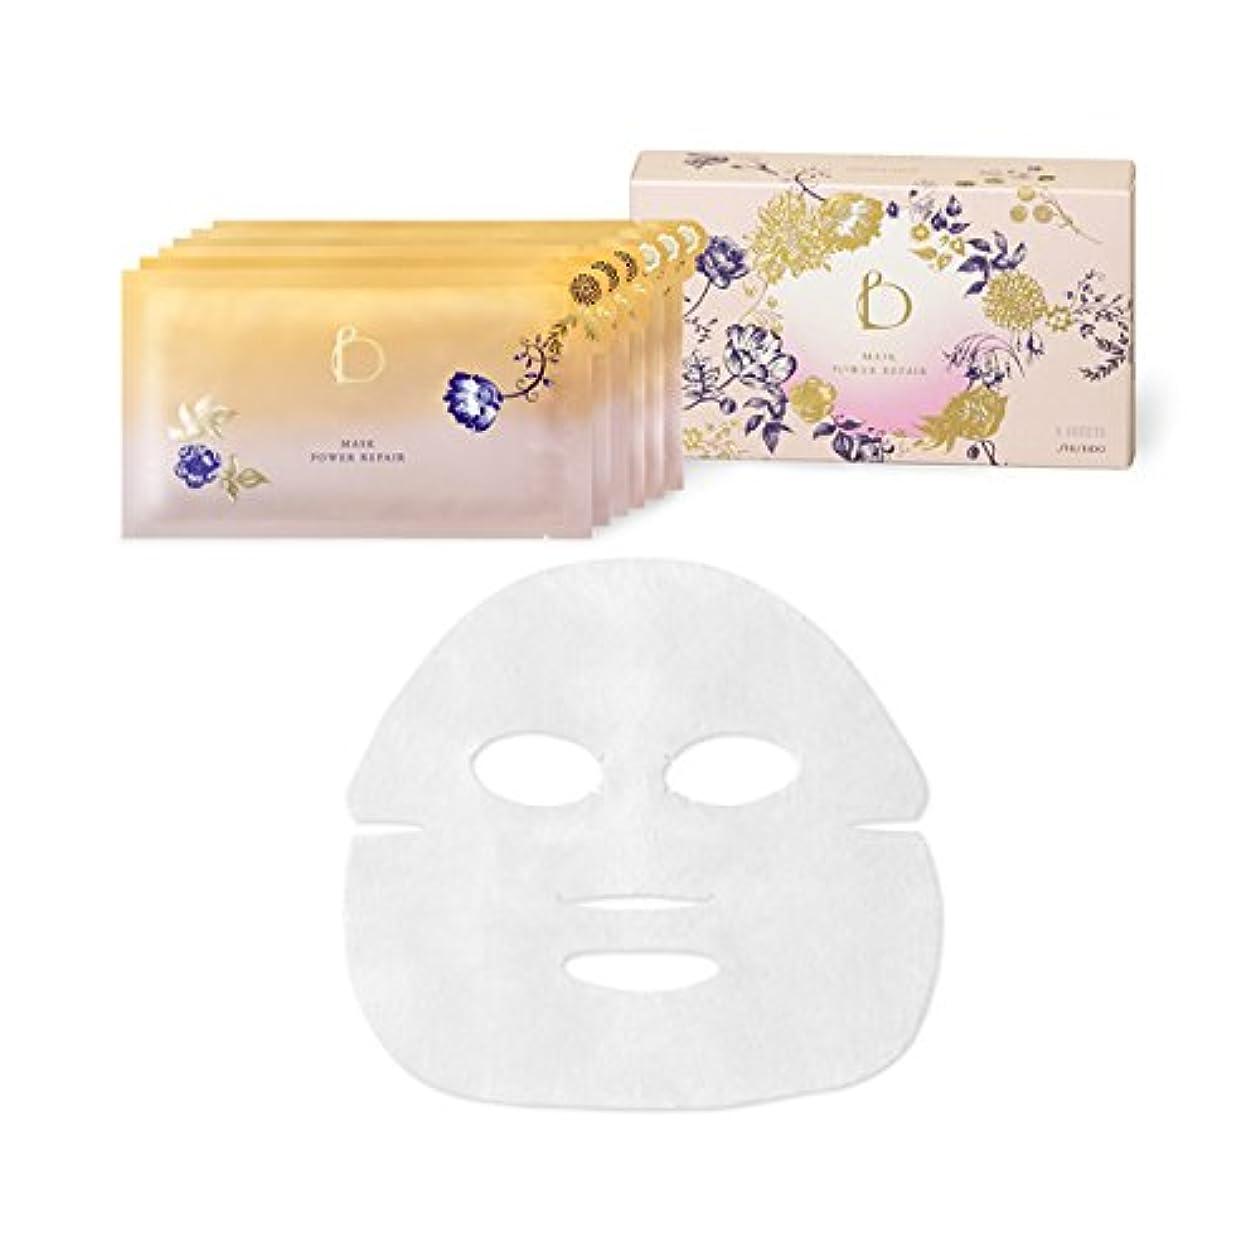 資生堂 ベネフィーク マスク パワーリペア シート状クリームマスク 23mL×6枚入